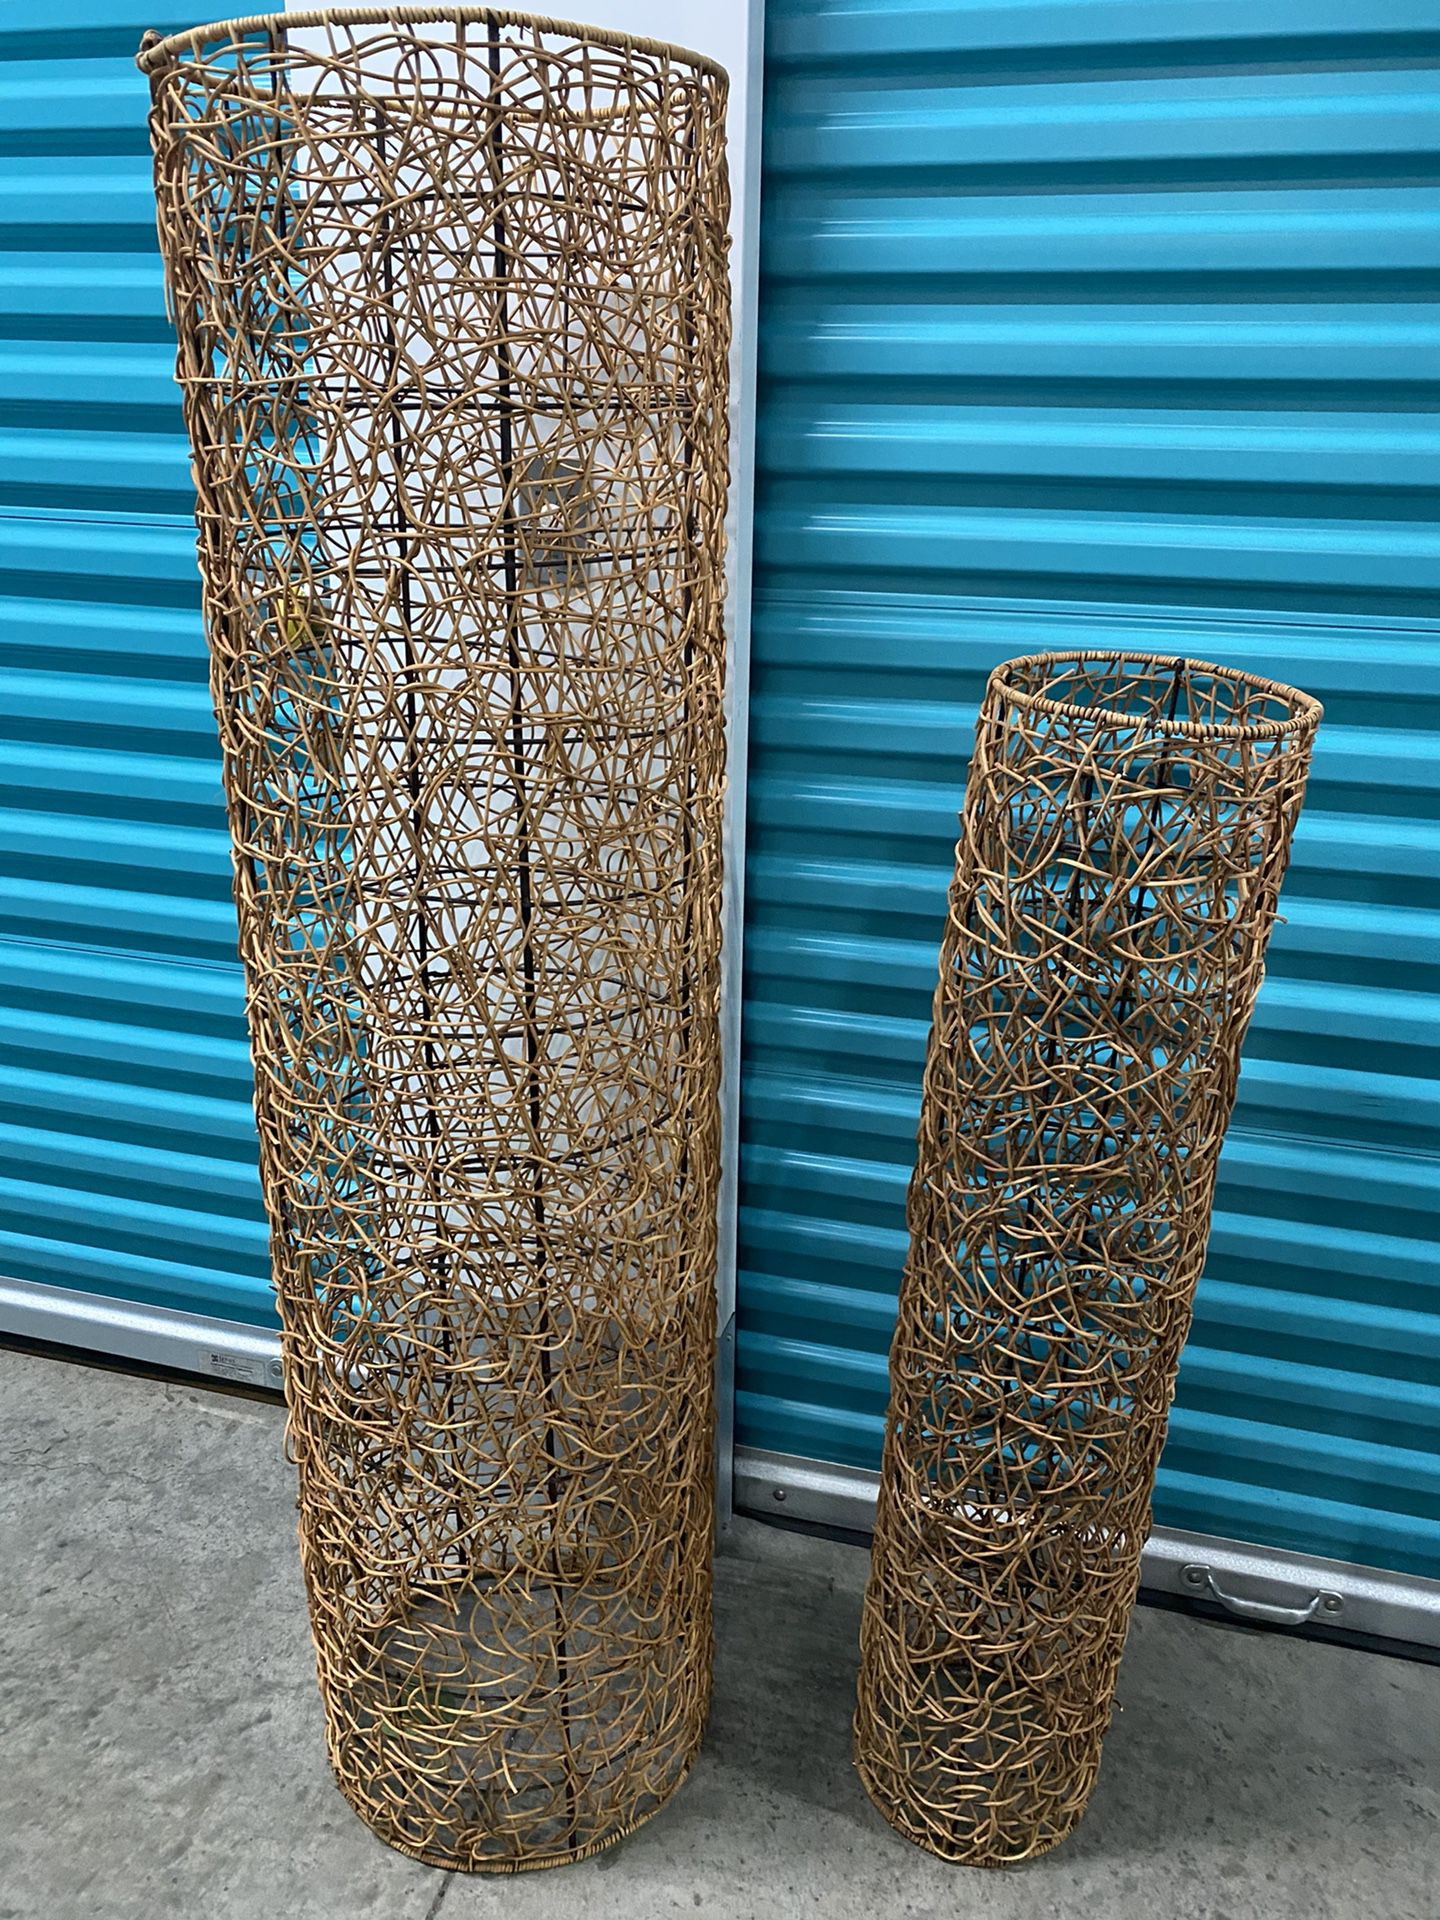 Decorative pieces... serious inquiries please